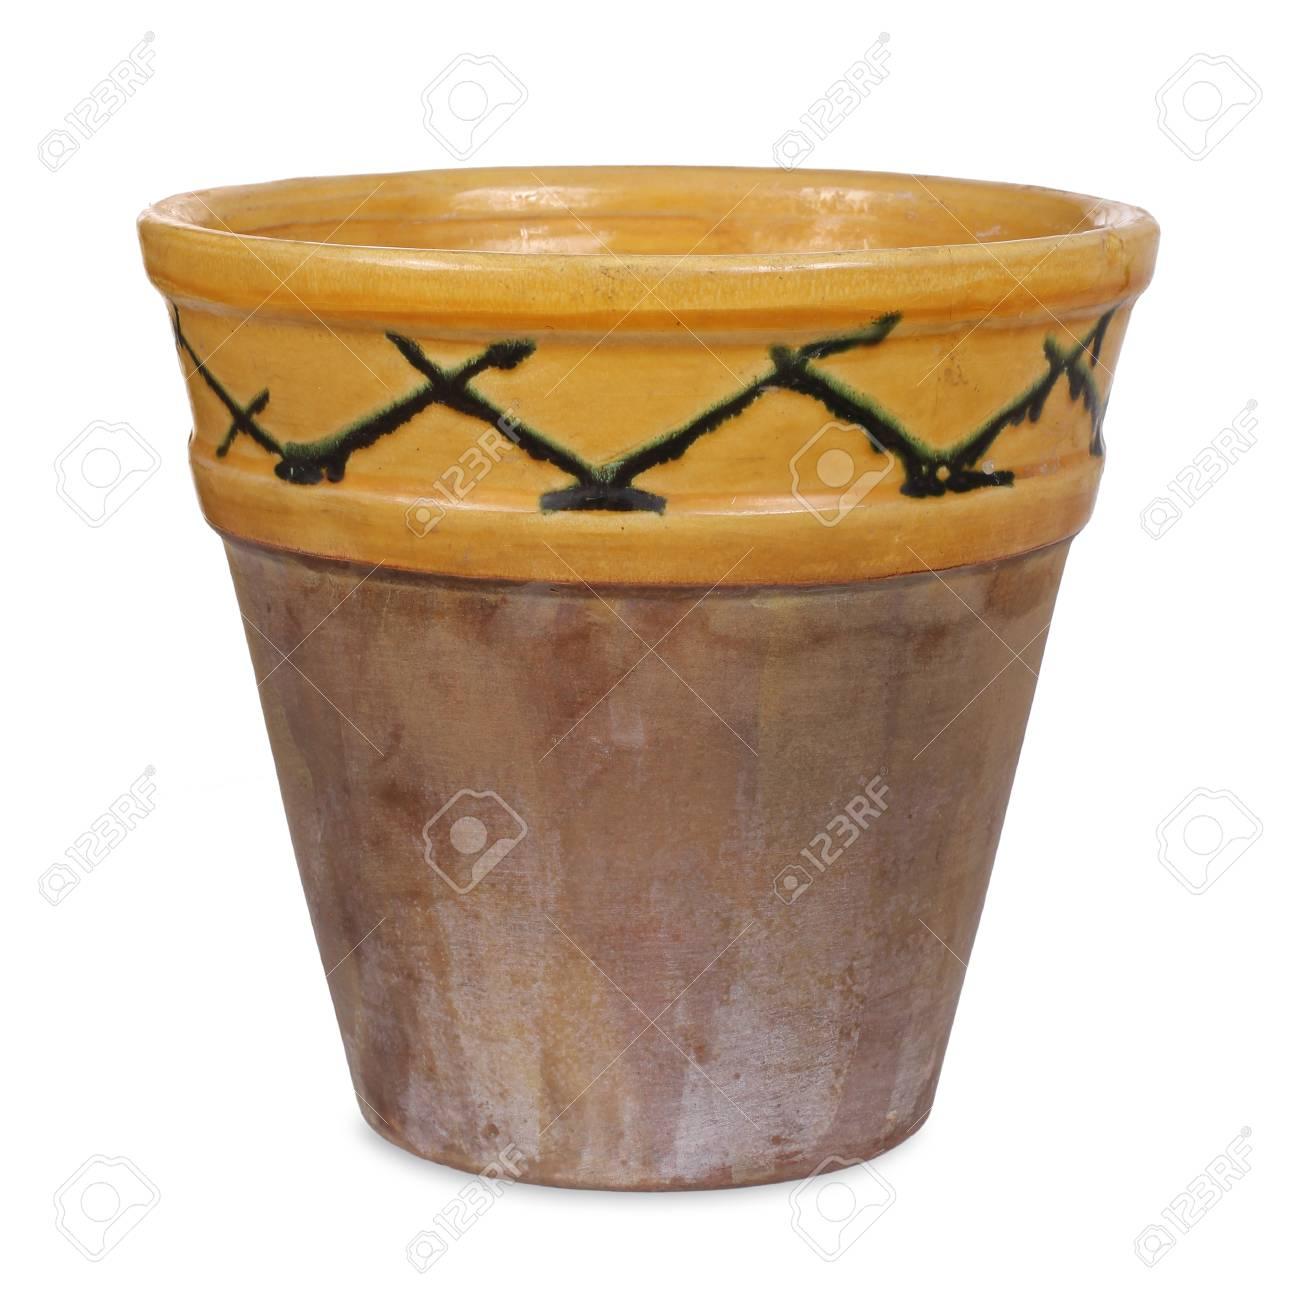 Old handmade flower pot - 35801979